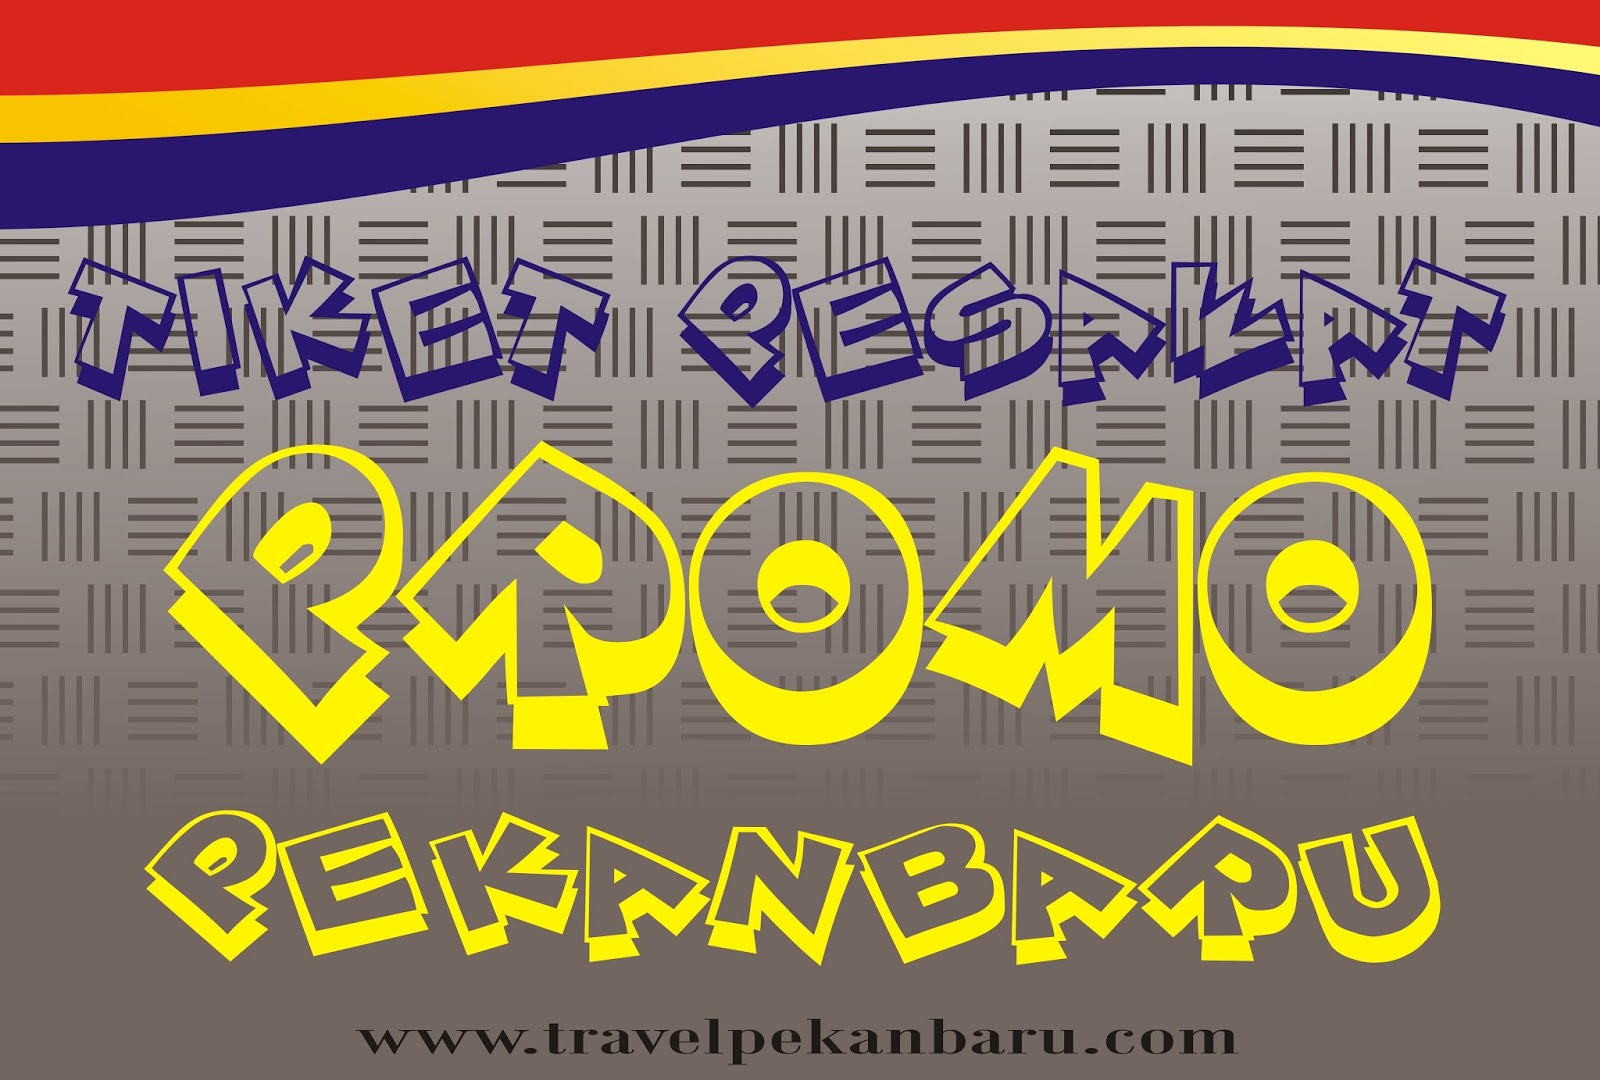 Tiket Pesawat Pekanbaru Travel Pekanbaru